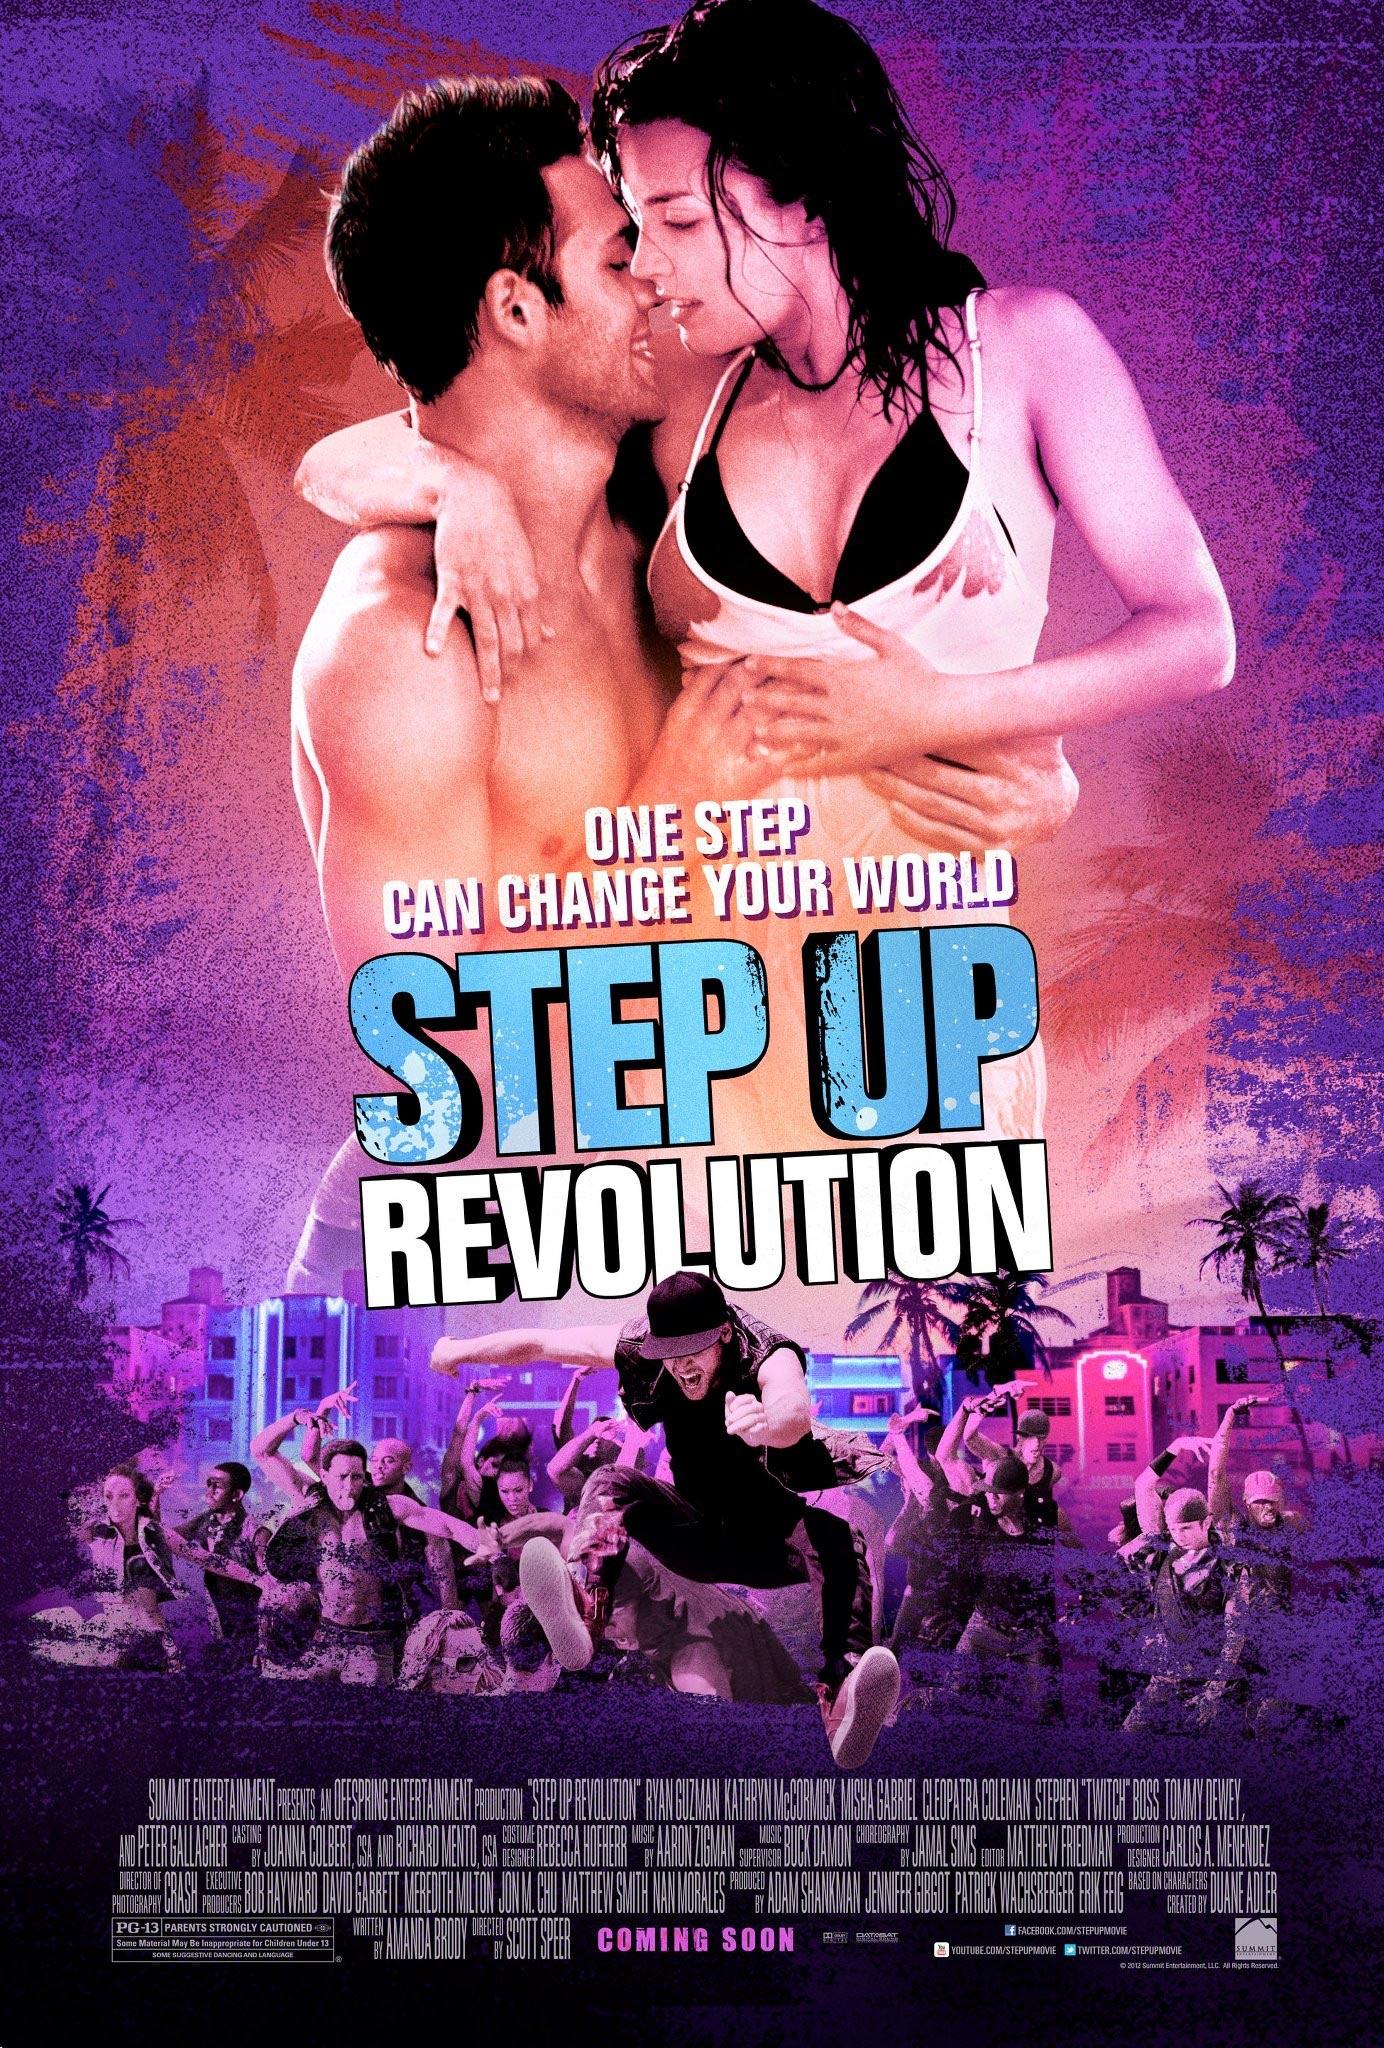 http://www.filmofilia.com/wp-content/uploads/2012/03/step-up-revolution.jpg